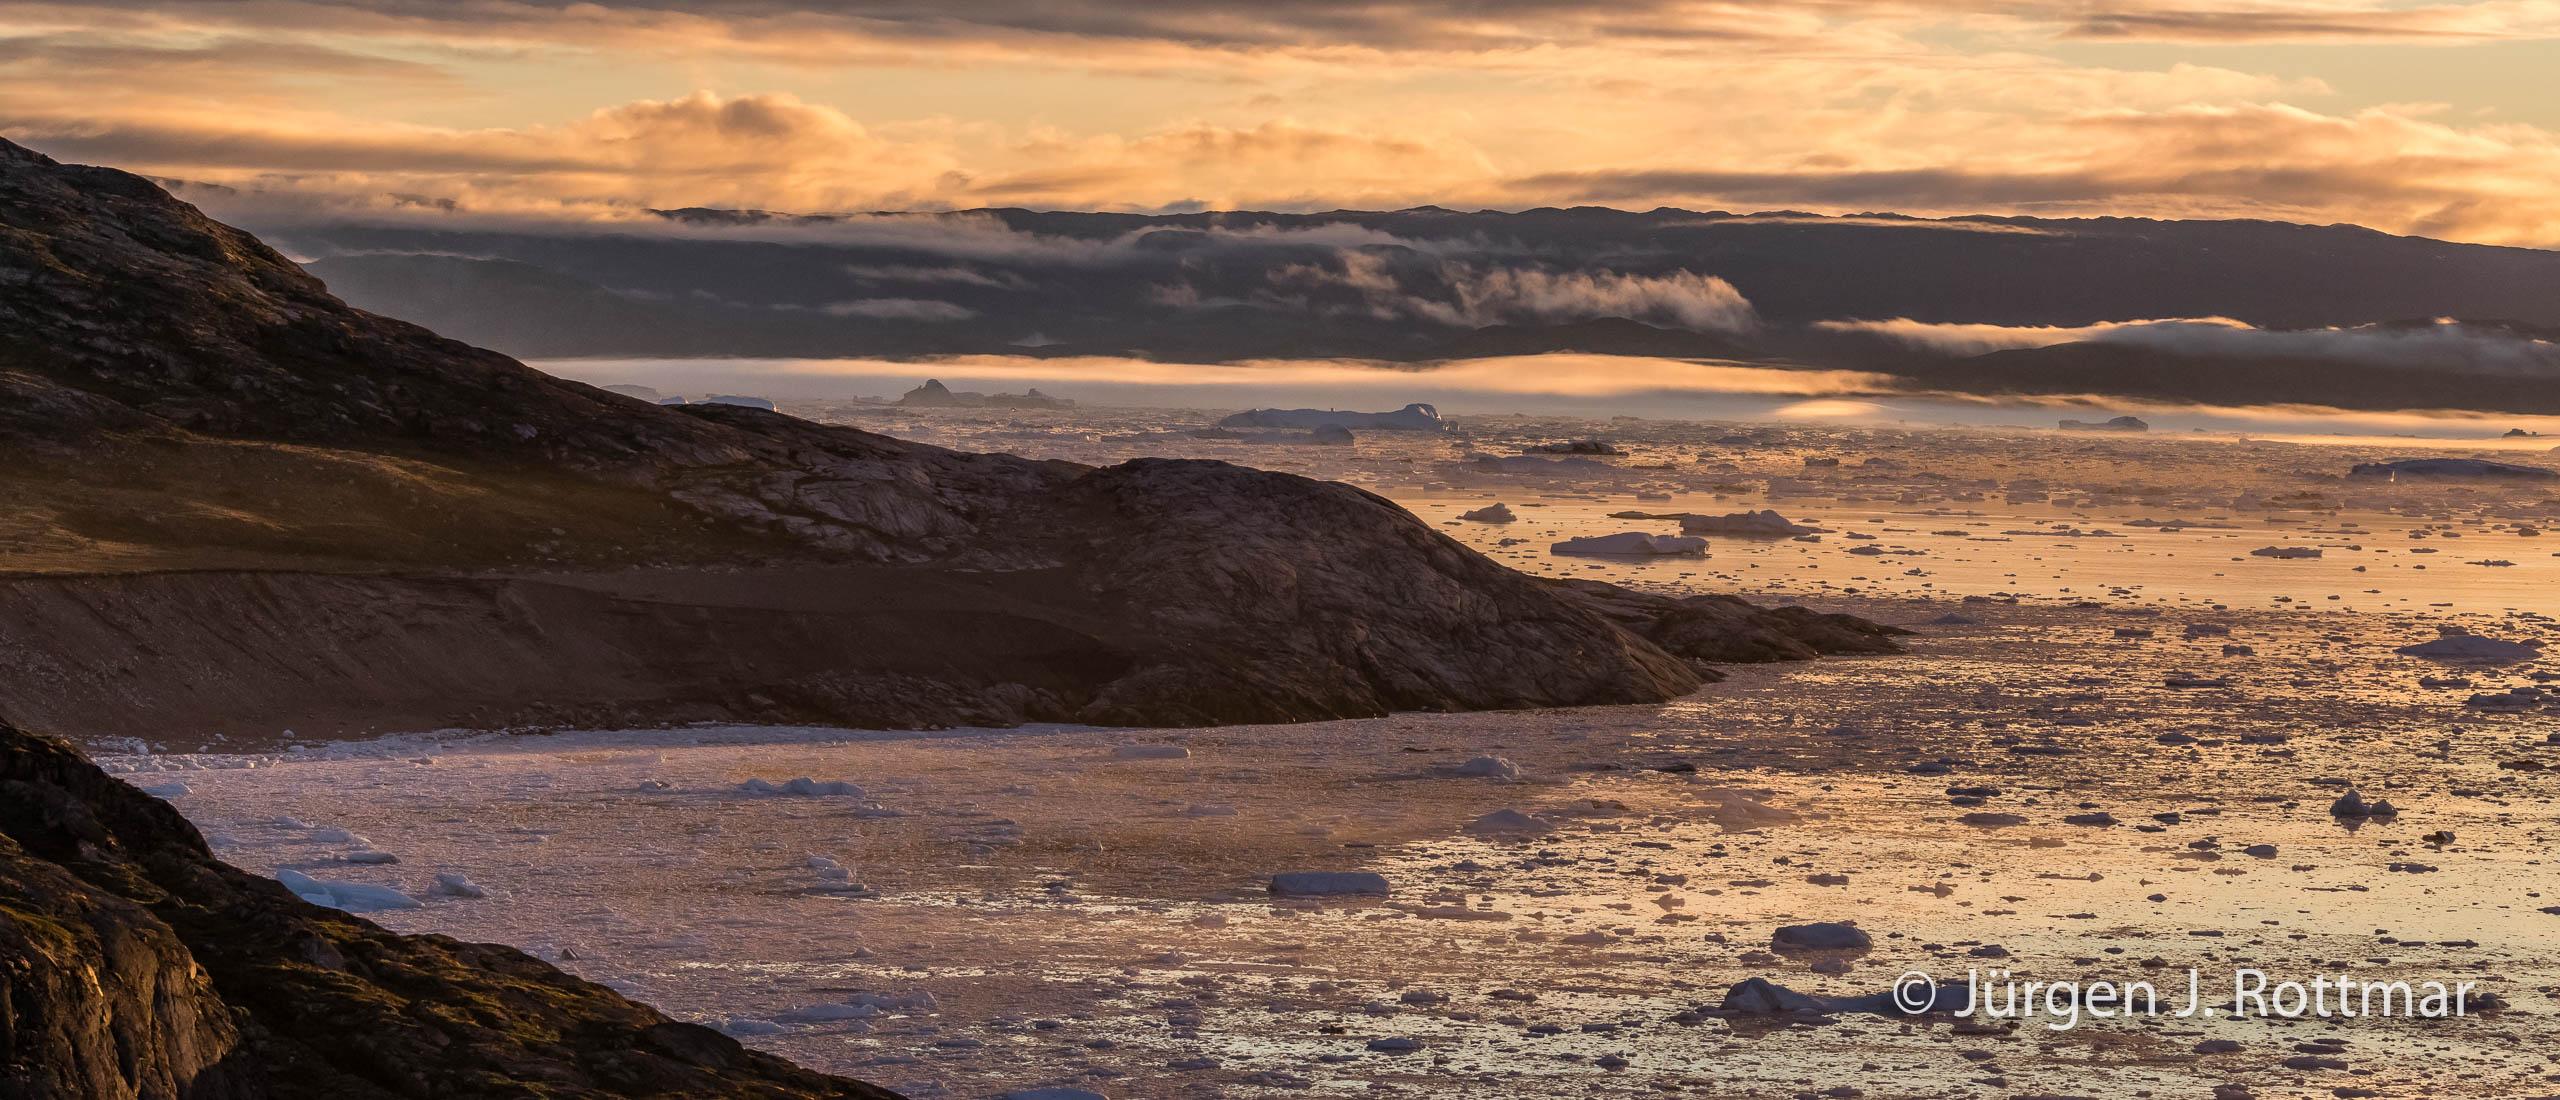 Juergen-J-Rottmar-Groenland-8_2018_MG_7775-Bearbeitet